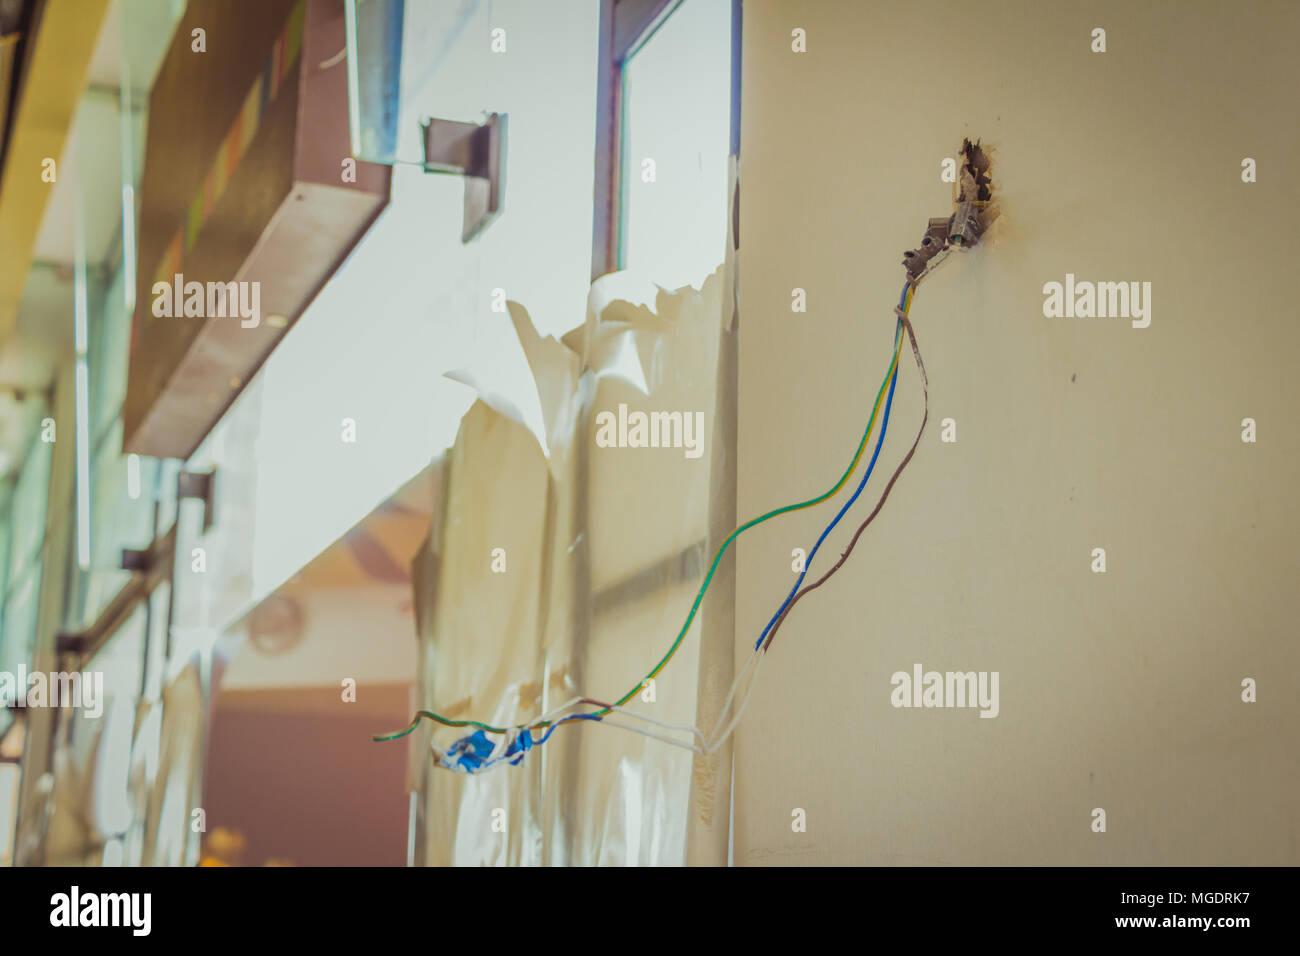 Tolle Elektrische Verkabelung In Wänden Fotos - Die Besten ...